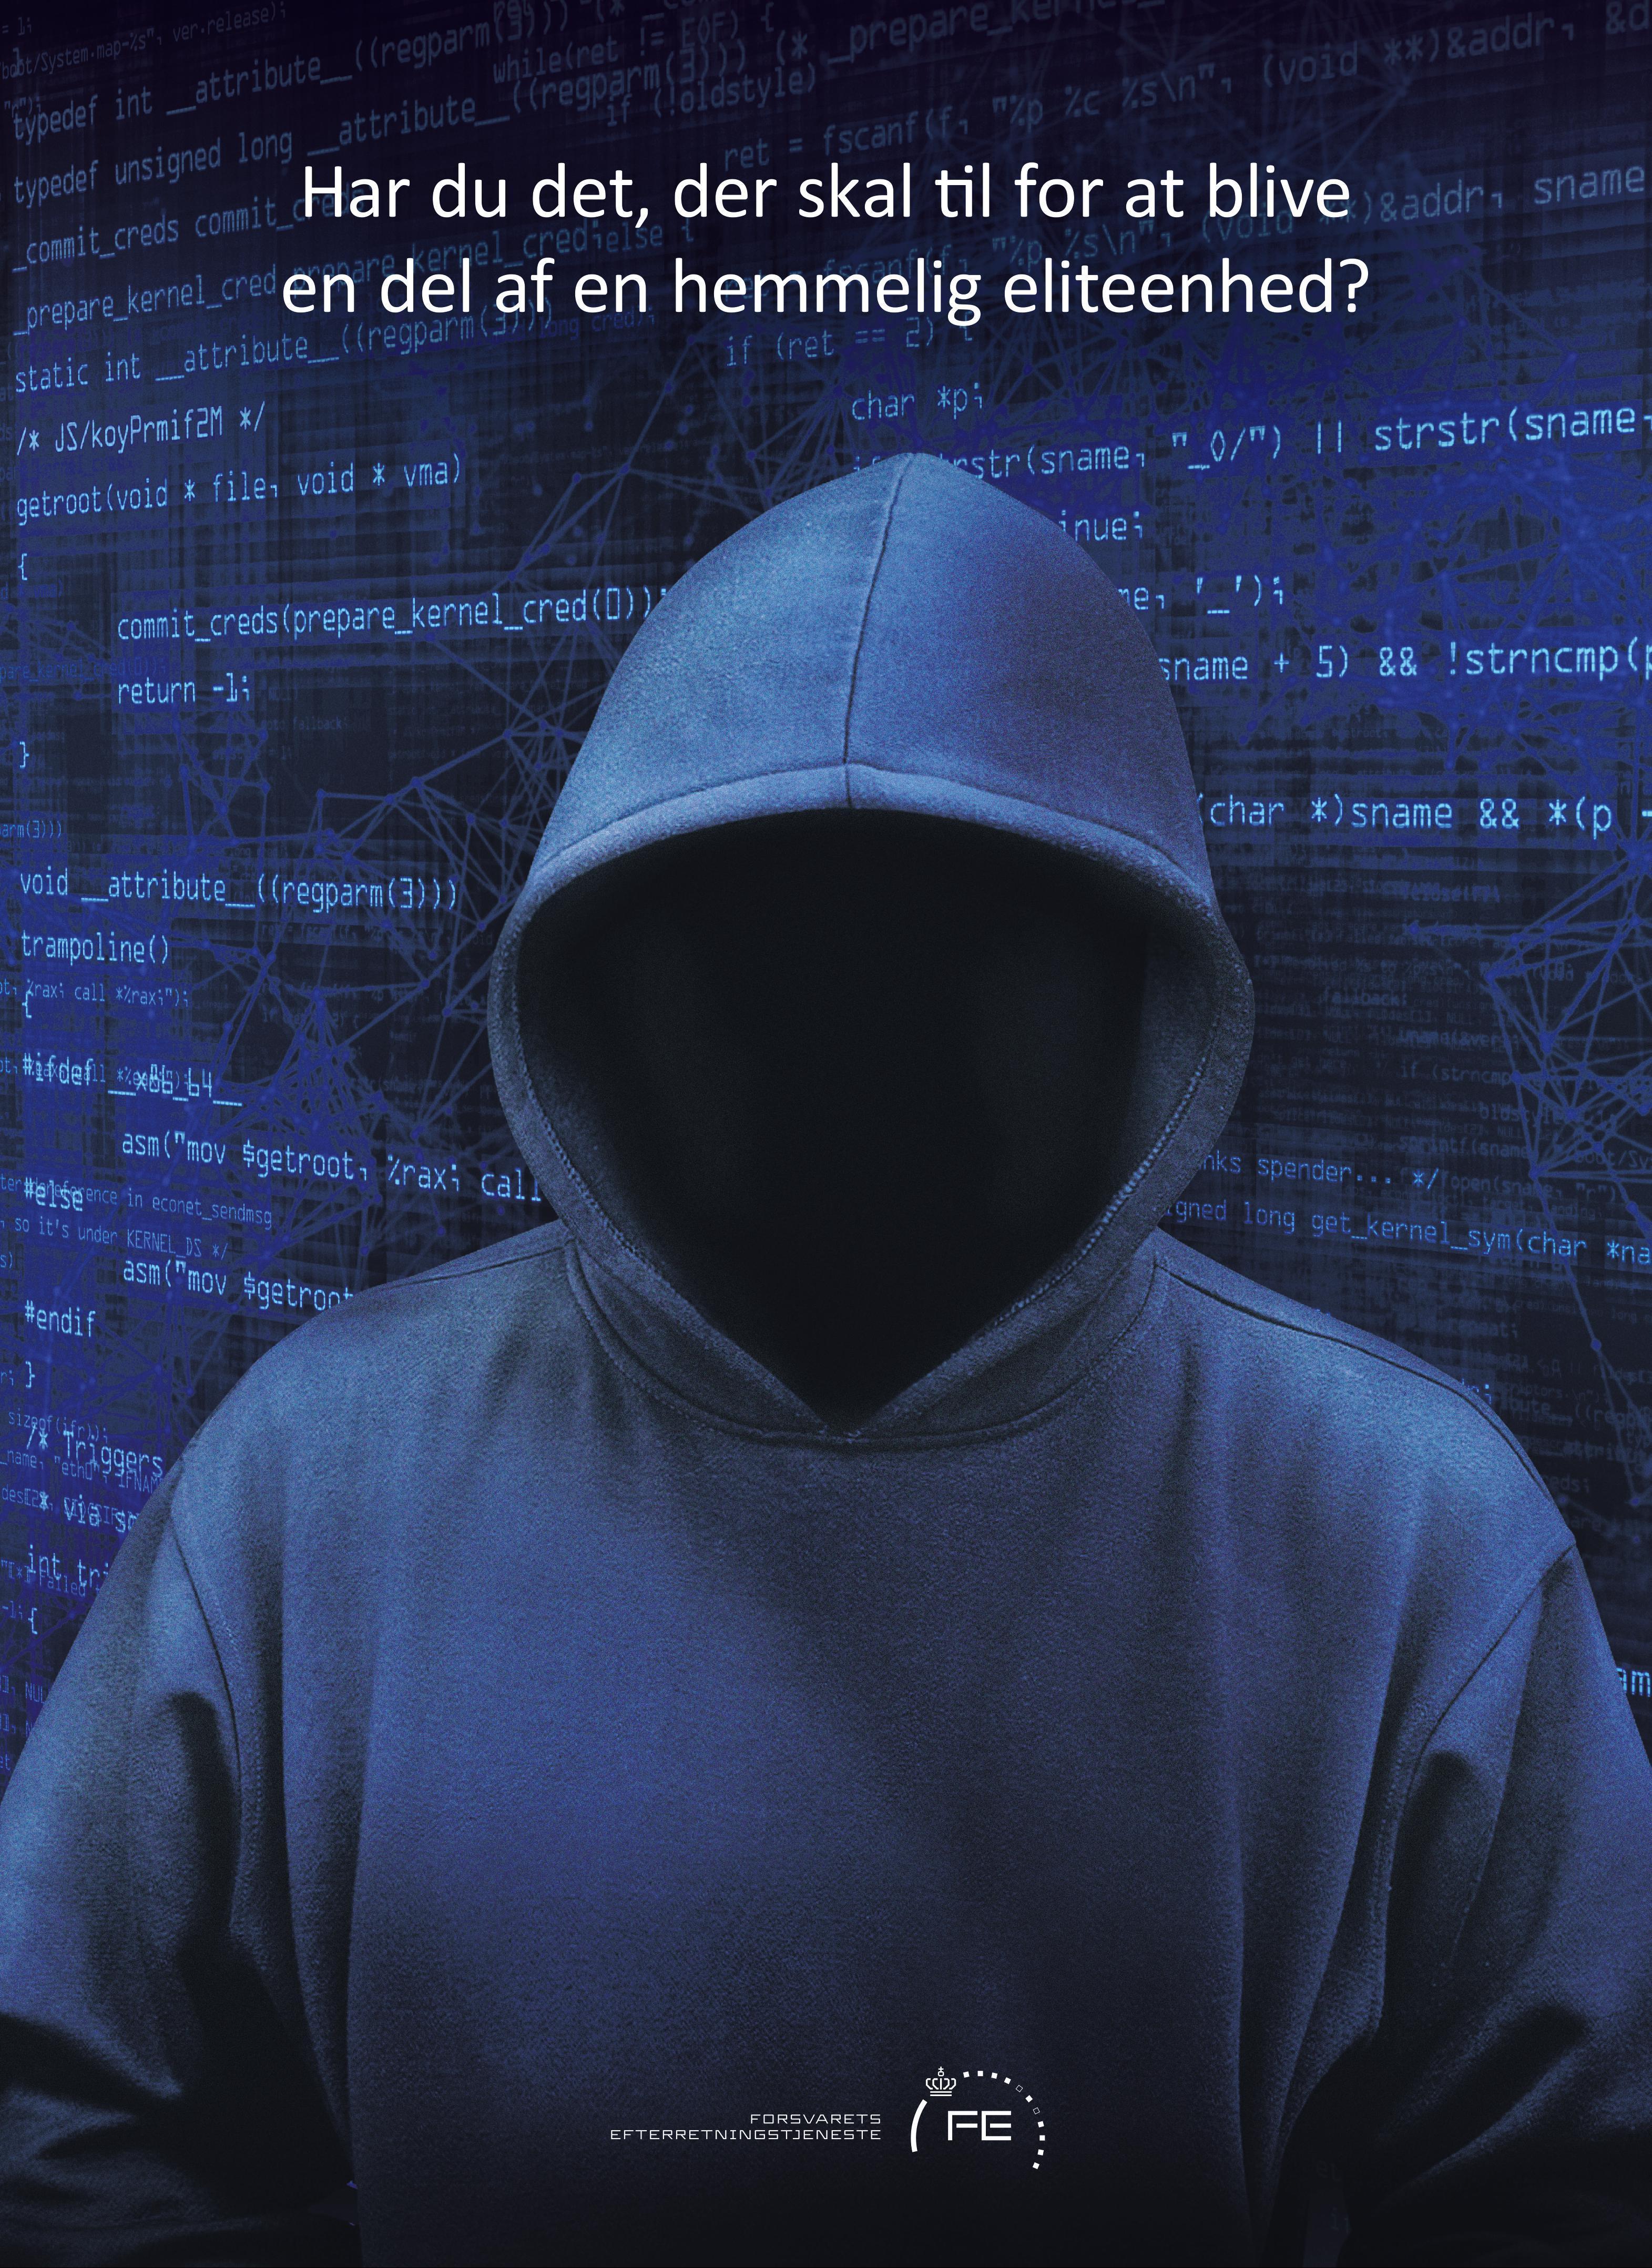 hackerannonce_0.jpg